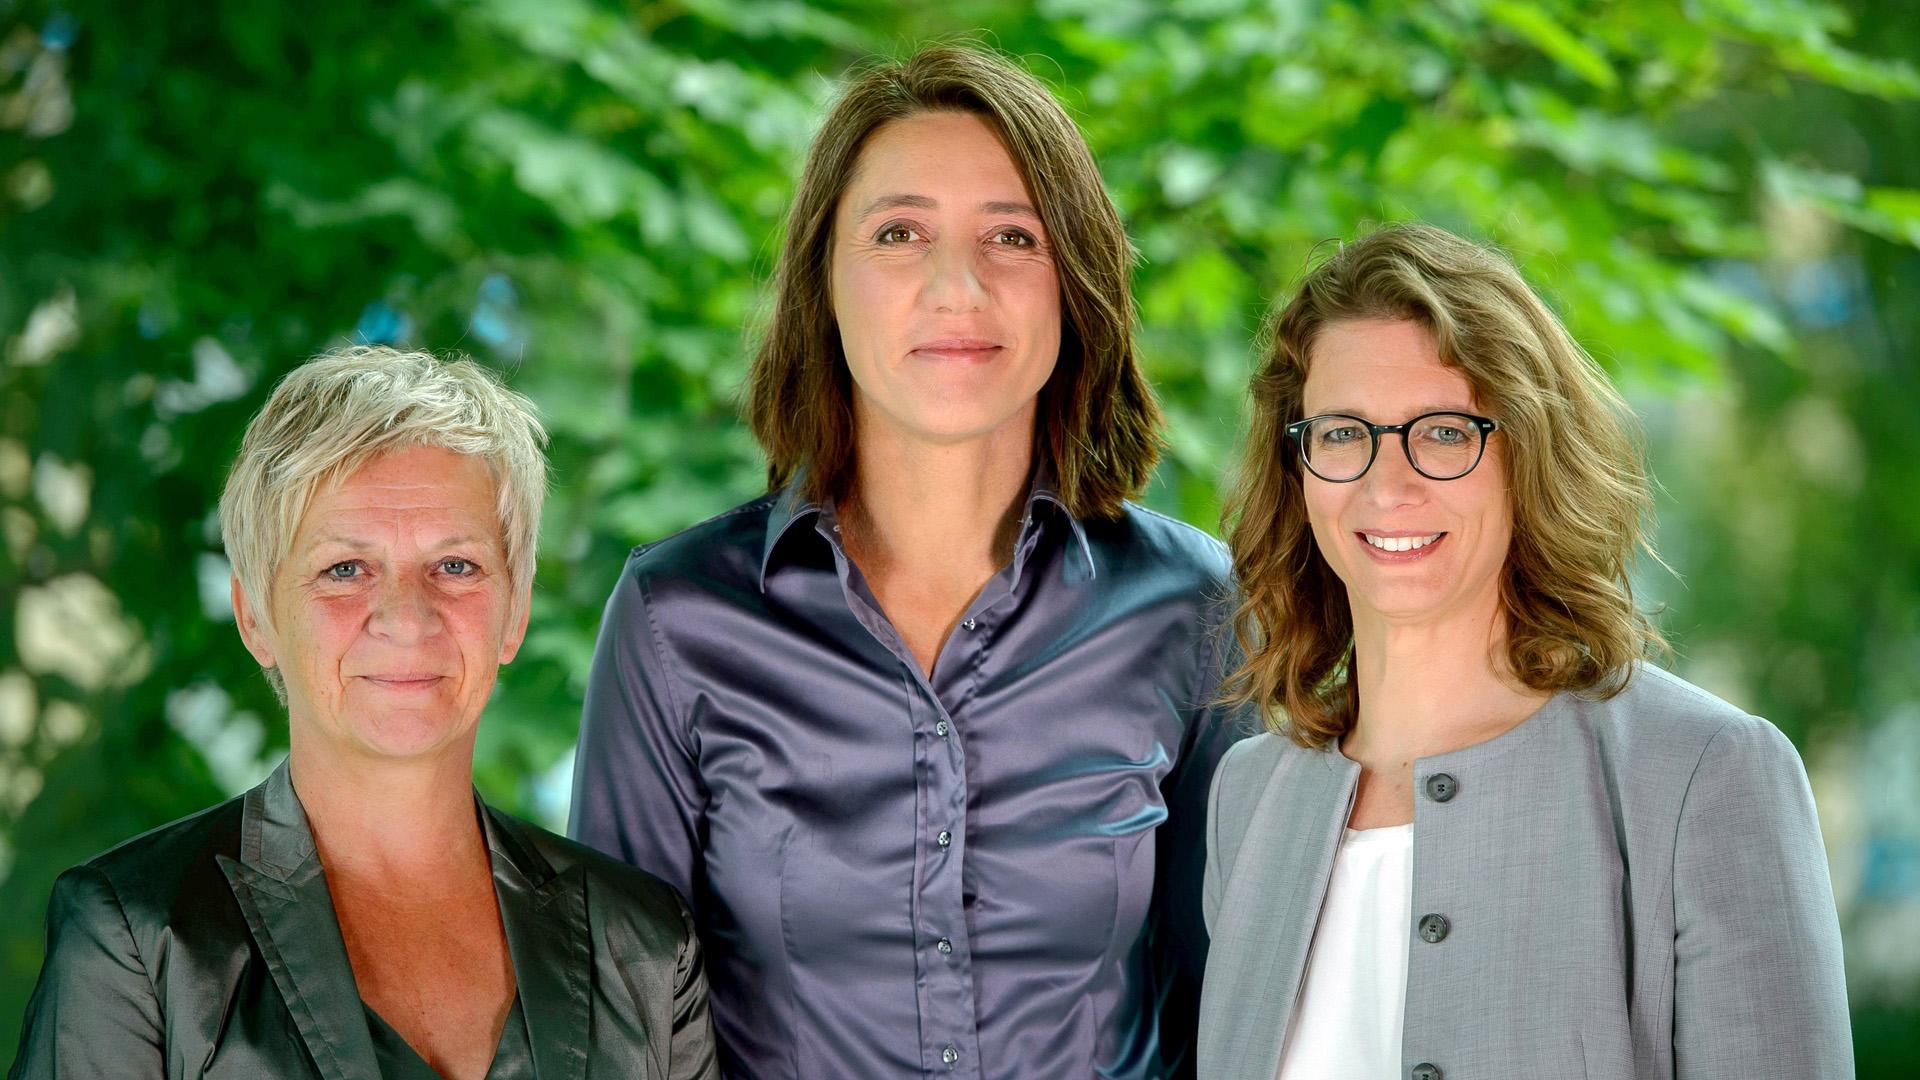 Barbara Unmüßig und Ellen Überschär (v.l.) sind zusammen der Vorstand der Heinrich-Böll-Stiftung, die der Partei Bündnis 90/Die Grünen nahesteht. Livia Cotta (re.) ist Geschäftsführerin der Stiftung.